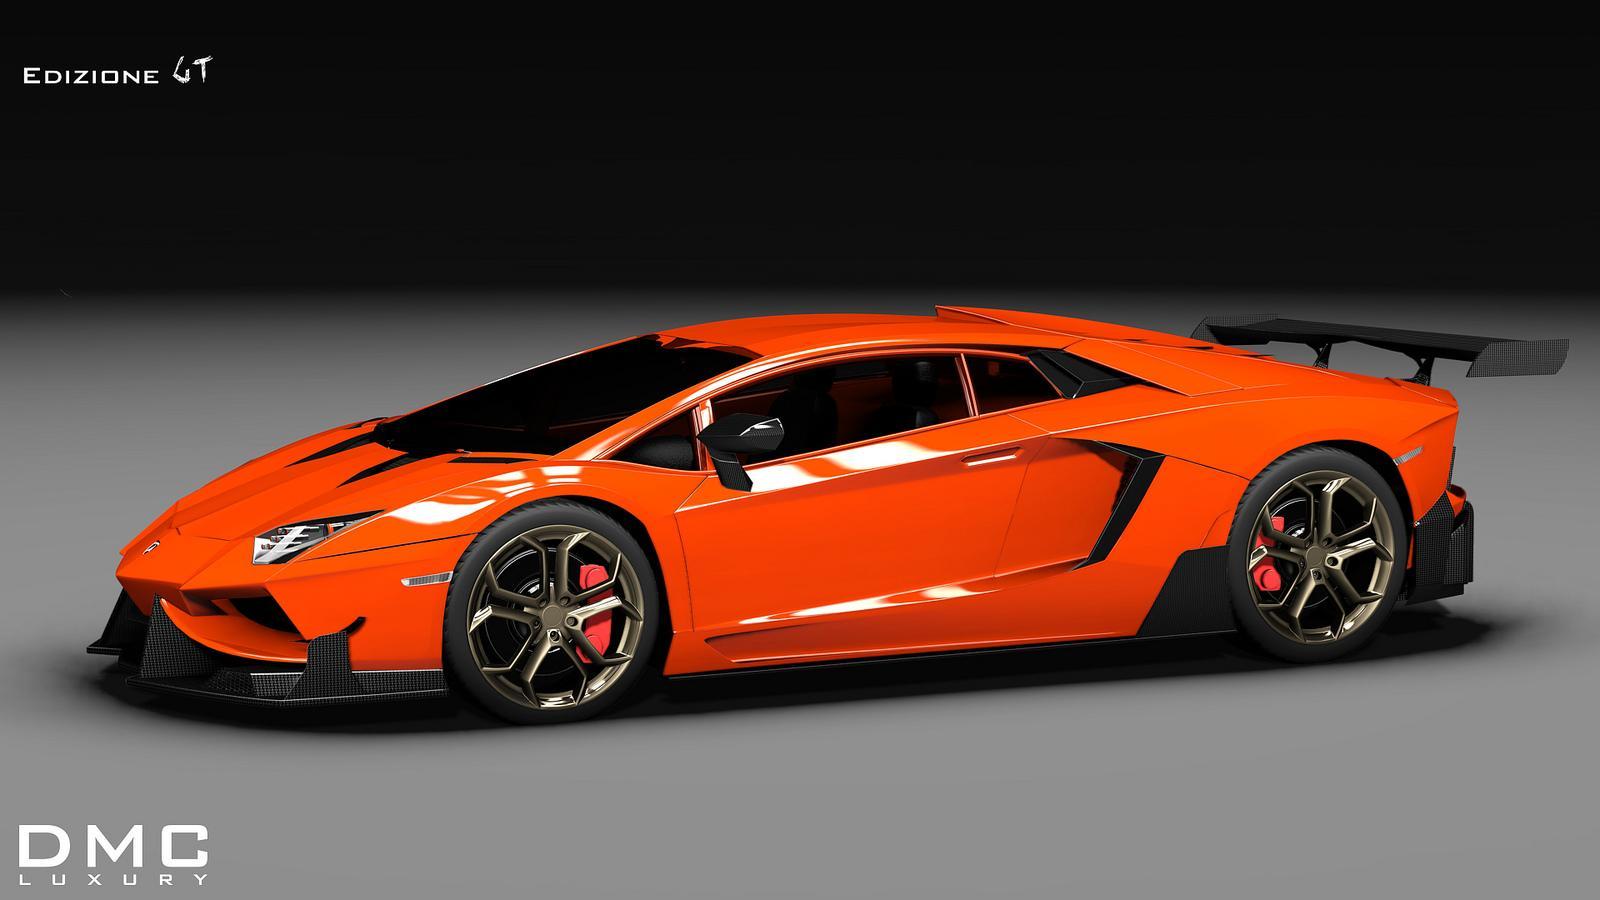 DMC's Lamborghini Aventador LP988 Edizione GT Previewed